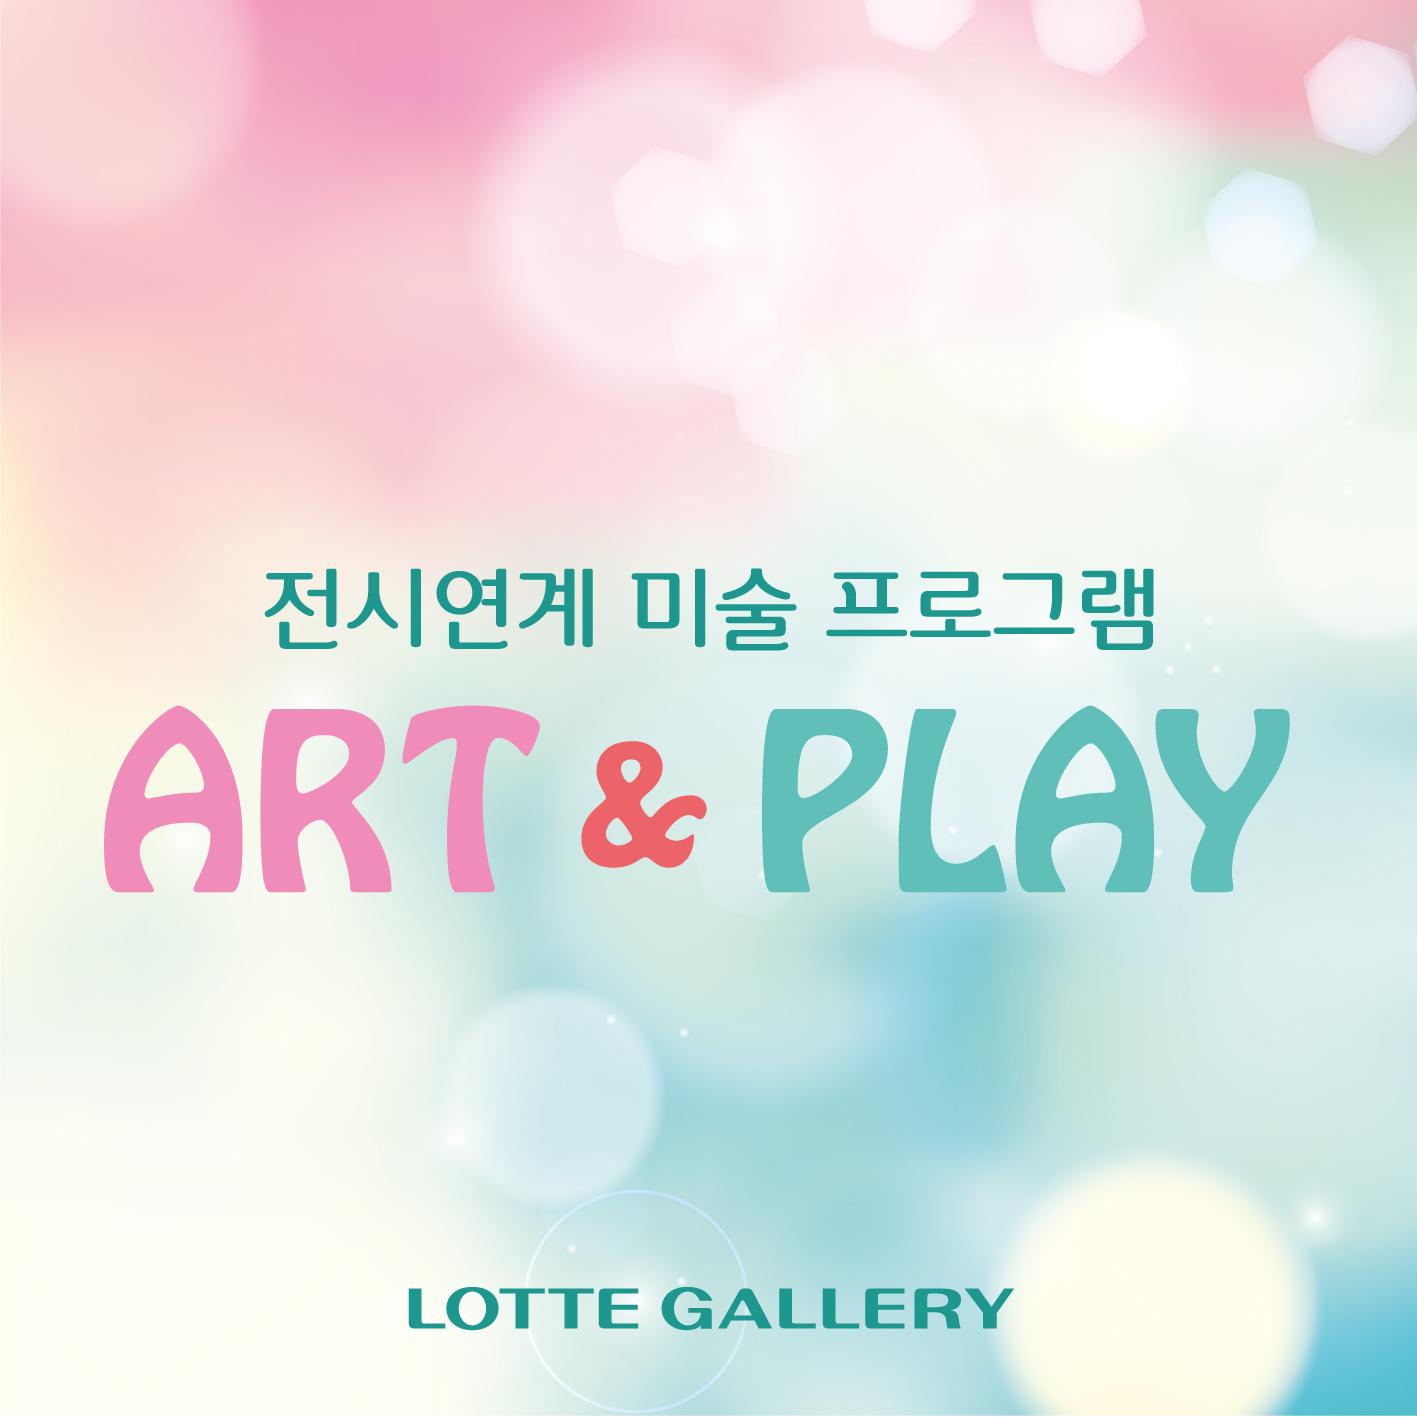 롯데갤러리-아트앤플레이 수업